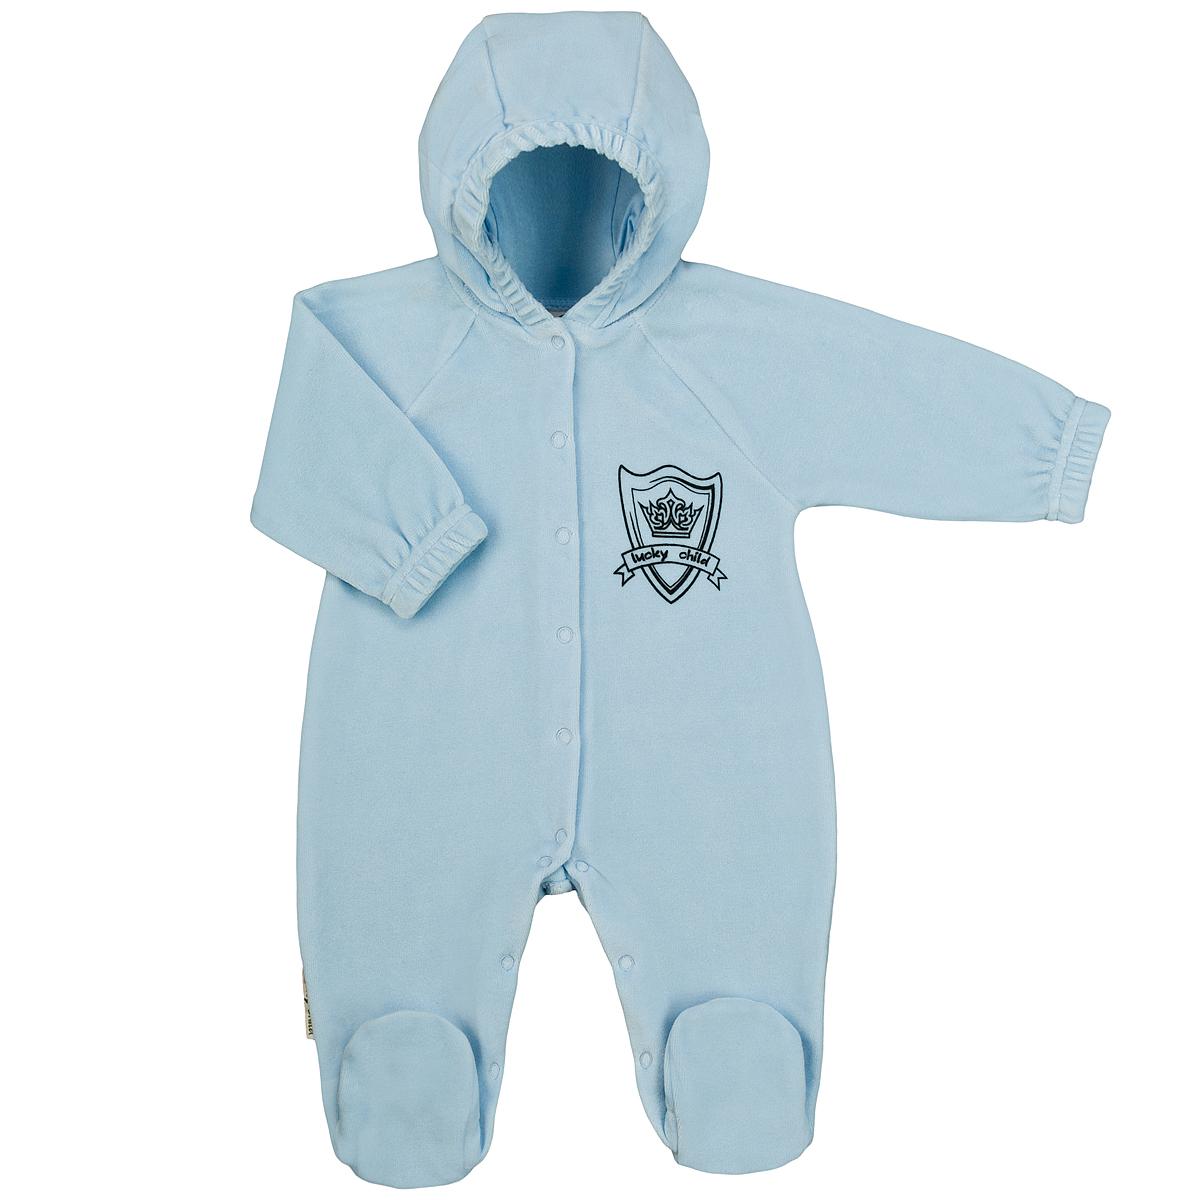 Комбинезон для мальчика Lucky Child, цвет: голубой. 3-21. Размер 68/743-21Детский комбинезон с капюшоном для мальчика Lucky Child - очень удобный и практичный вид одежды для малышей. Комбинезон выполнен из велюра, благодаря чему он необычайно мягкий и приятный на ощупь, не раздражают нежную кожу ребенка и хорошо вентилируются, а эластичные швы приятны телу малыша и не препятствуют его движениям. Комбинезон с длинными рукавами-реглан и закрытыми ножками имеет застежки-кнопки по центру от горловины до щиколоток, которые помогают легко переодеть младенца или сменить подгузник. На груди он оформлен оригинальным принтом в виде логотипа бренда. Рукава понизу дополнены неширокими эластичными манжетами, не перетягивающими запястья. С детским комбинезоном Lucky Child спинка и ножки вашего малыша всегда будут в тепле. Комбинезон полностью соответствует особенностям жизни младенца в ранний период, не стесняя и не ограничивая его в движениях!